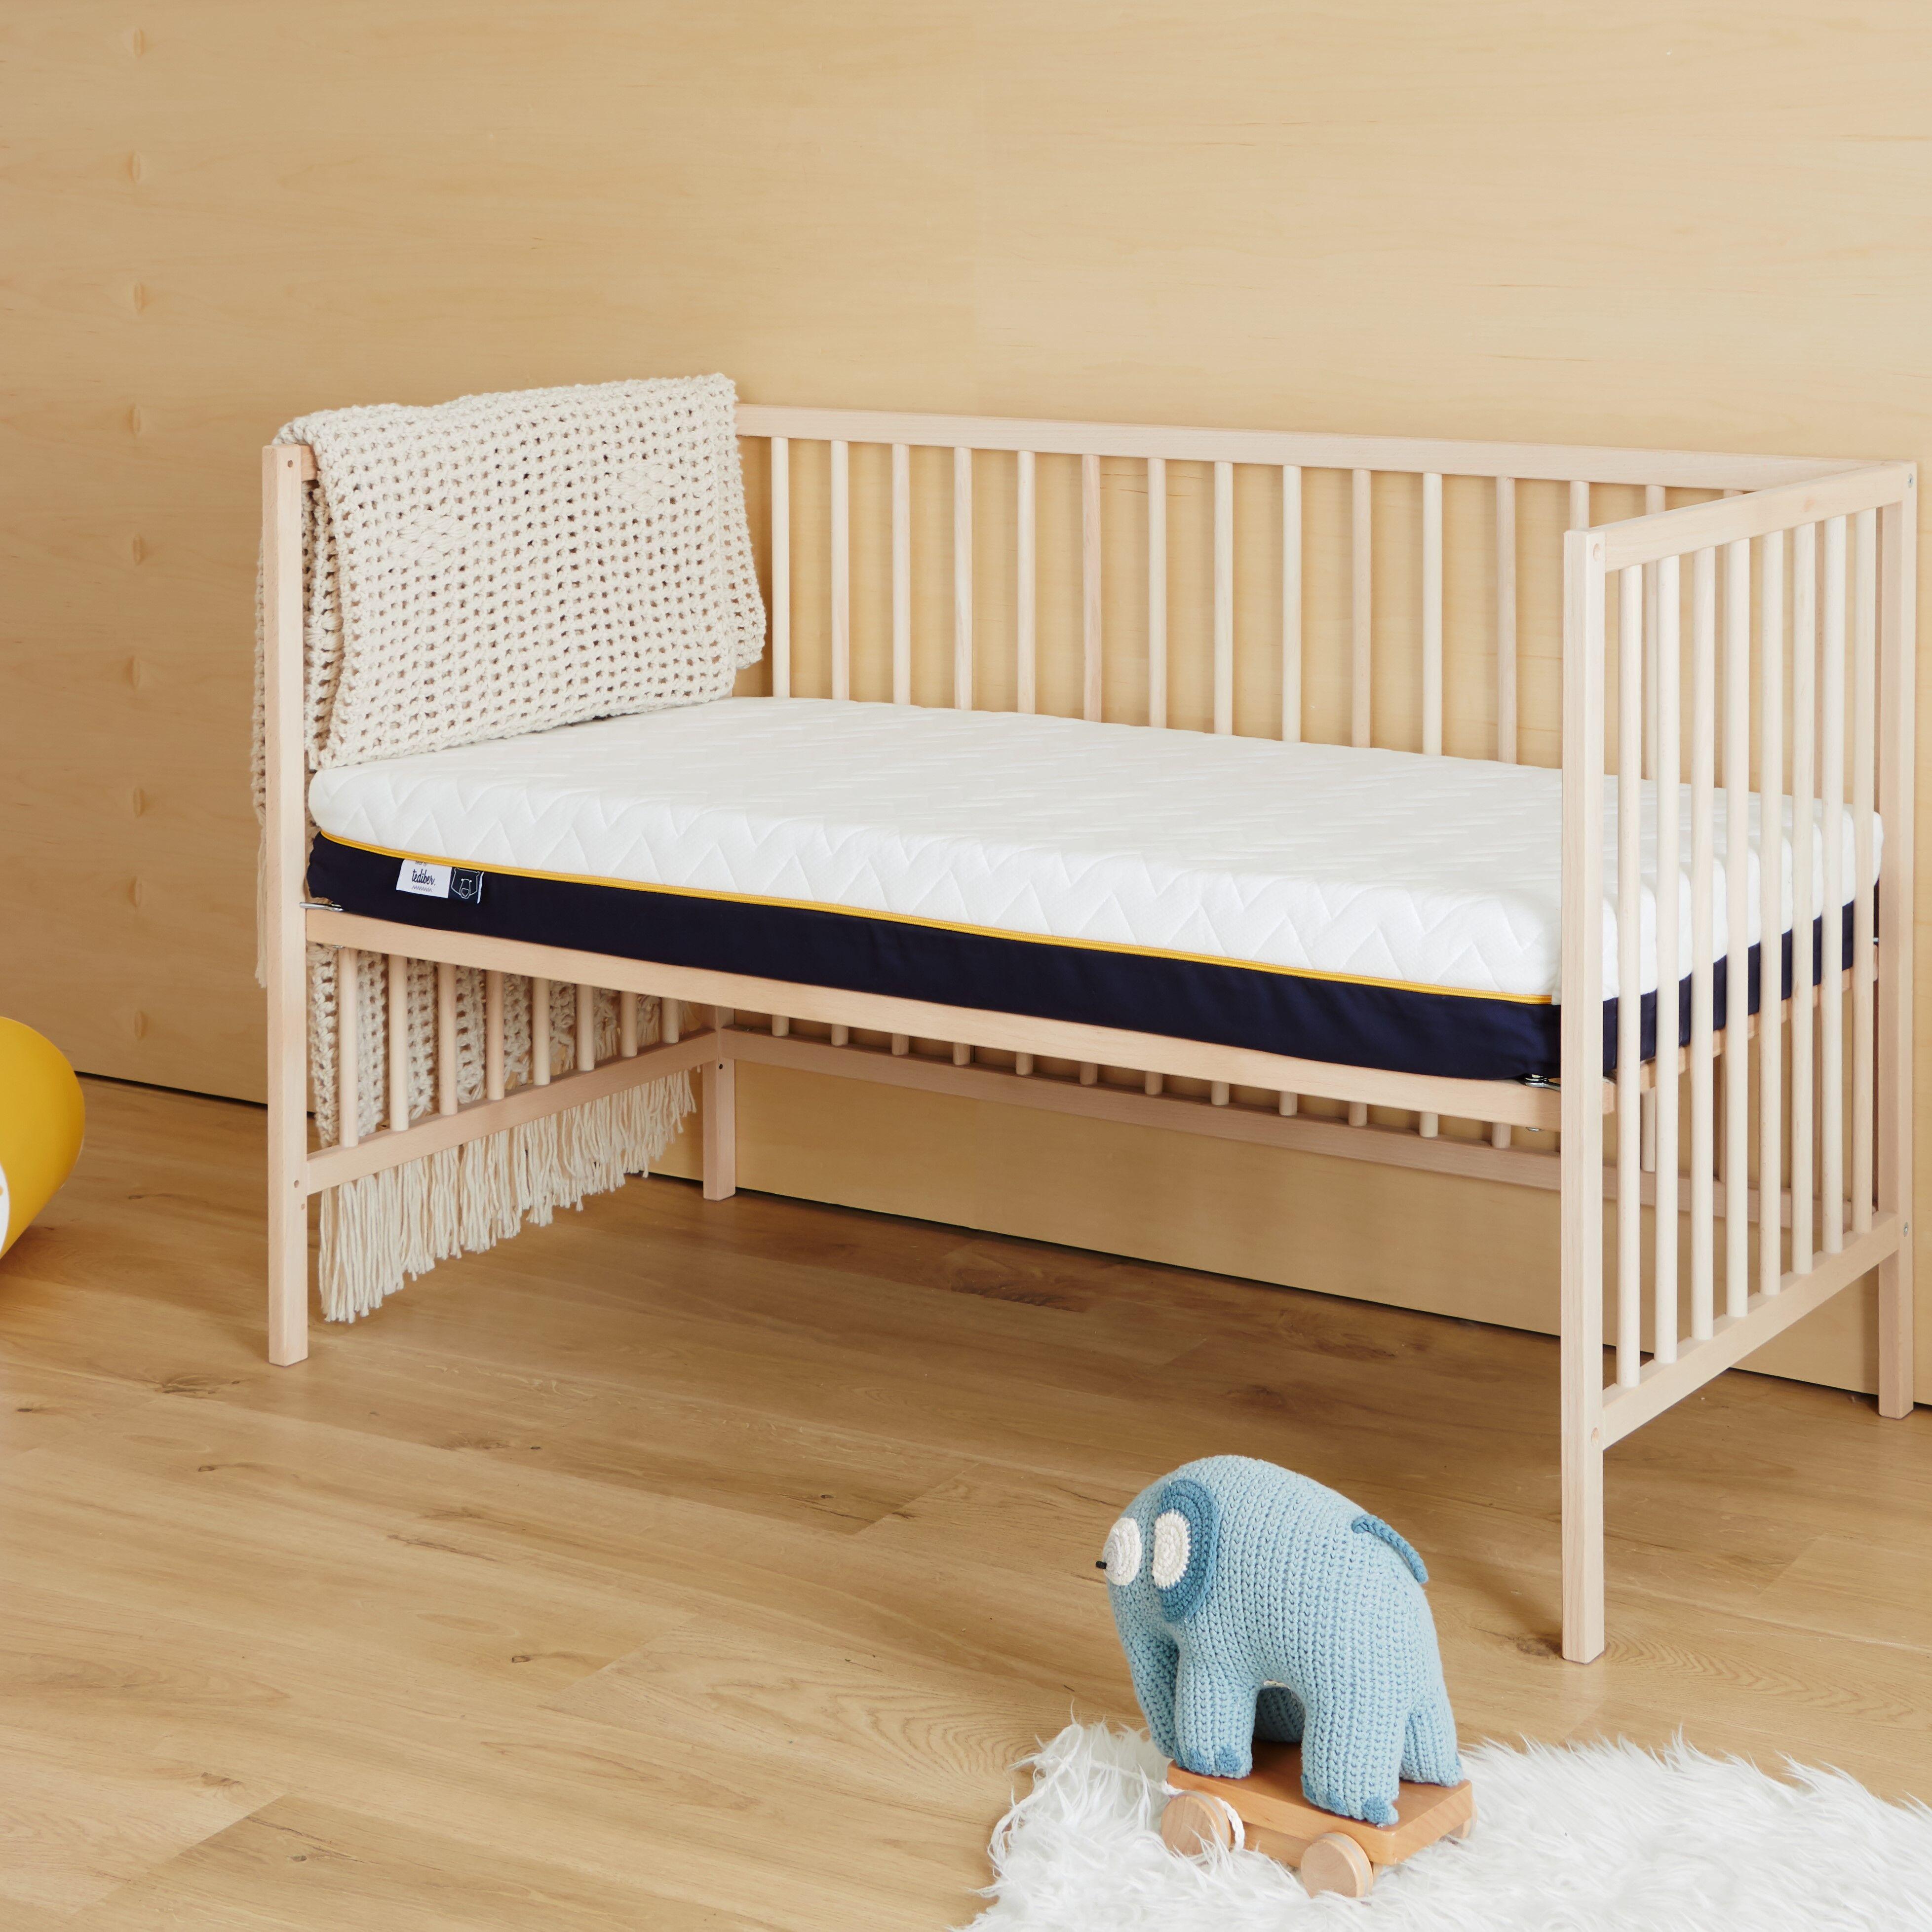 Tediber Matelas bébé 60x120 Tediber - Livré gratuitement en express - Fabriqué en France - Idéal de 0 à 5 ans - Alèse bébé incluse